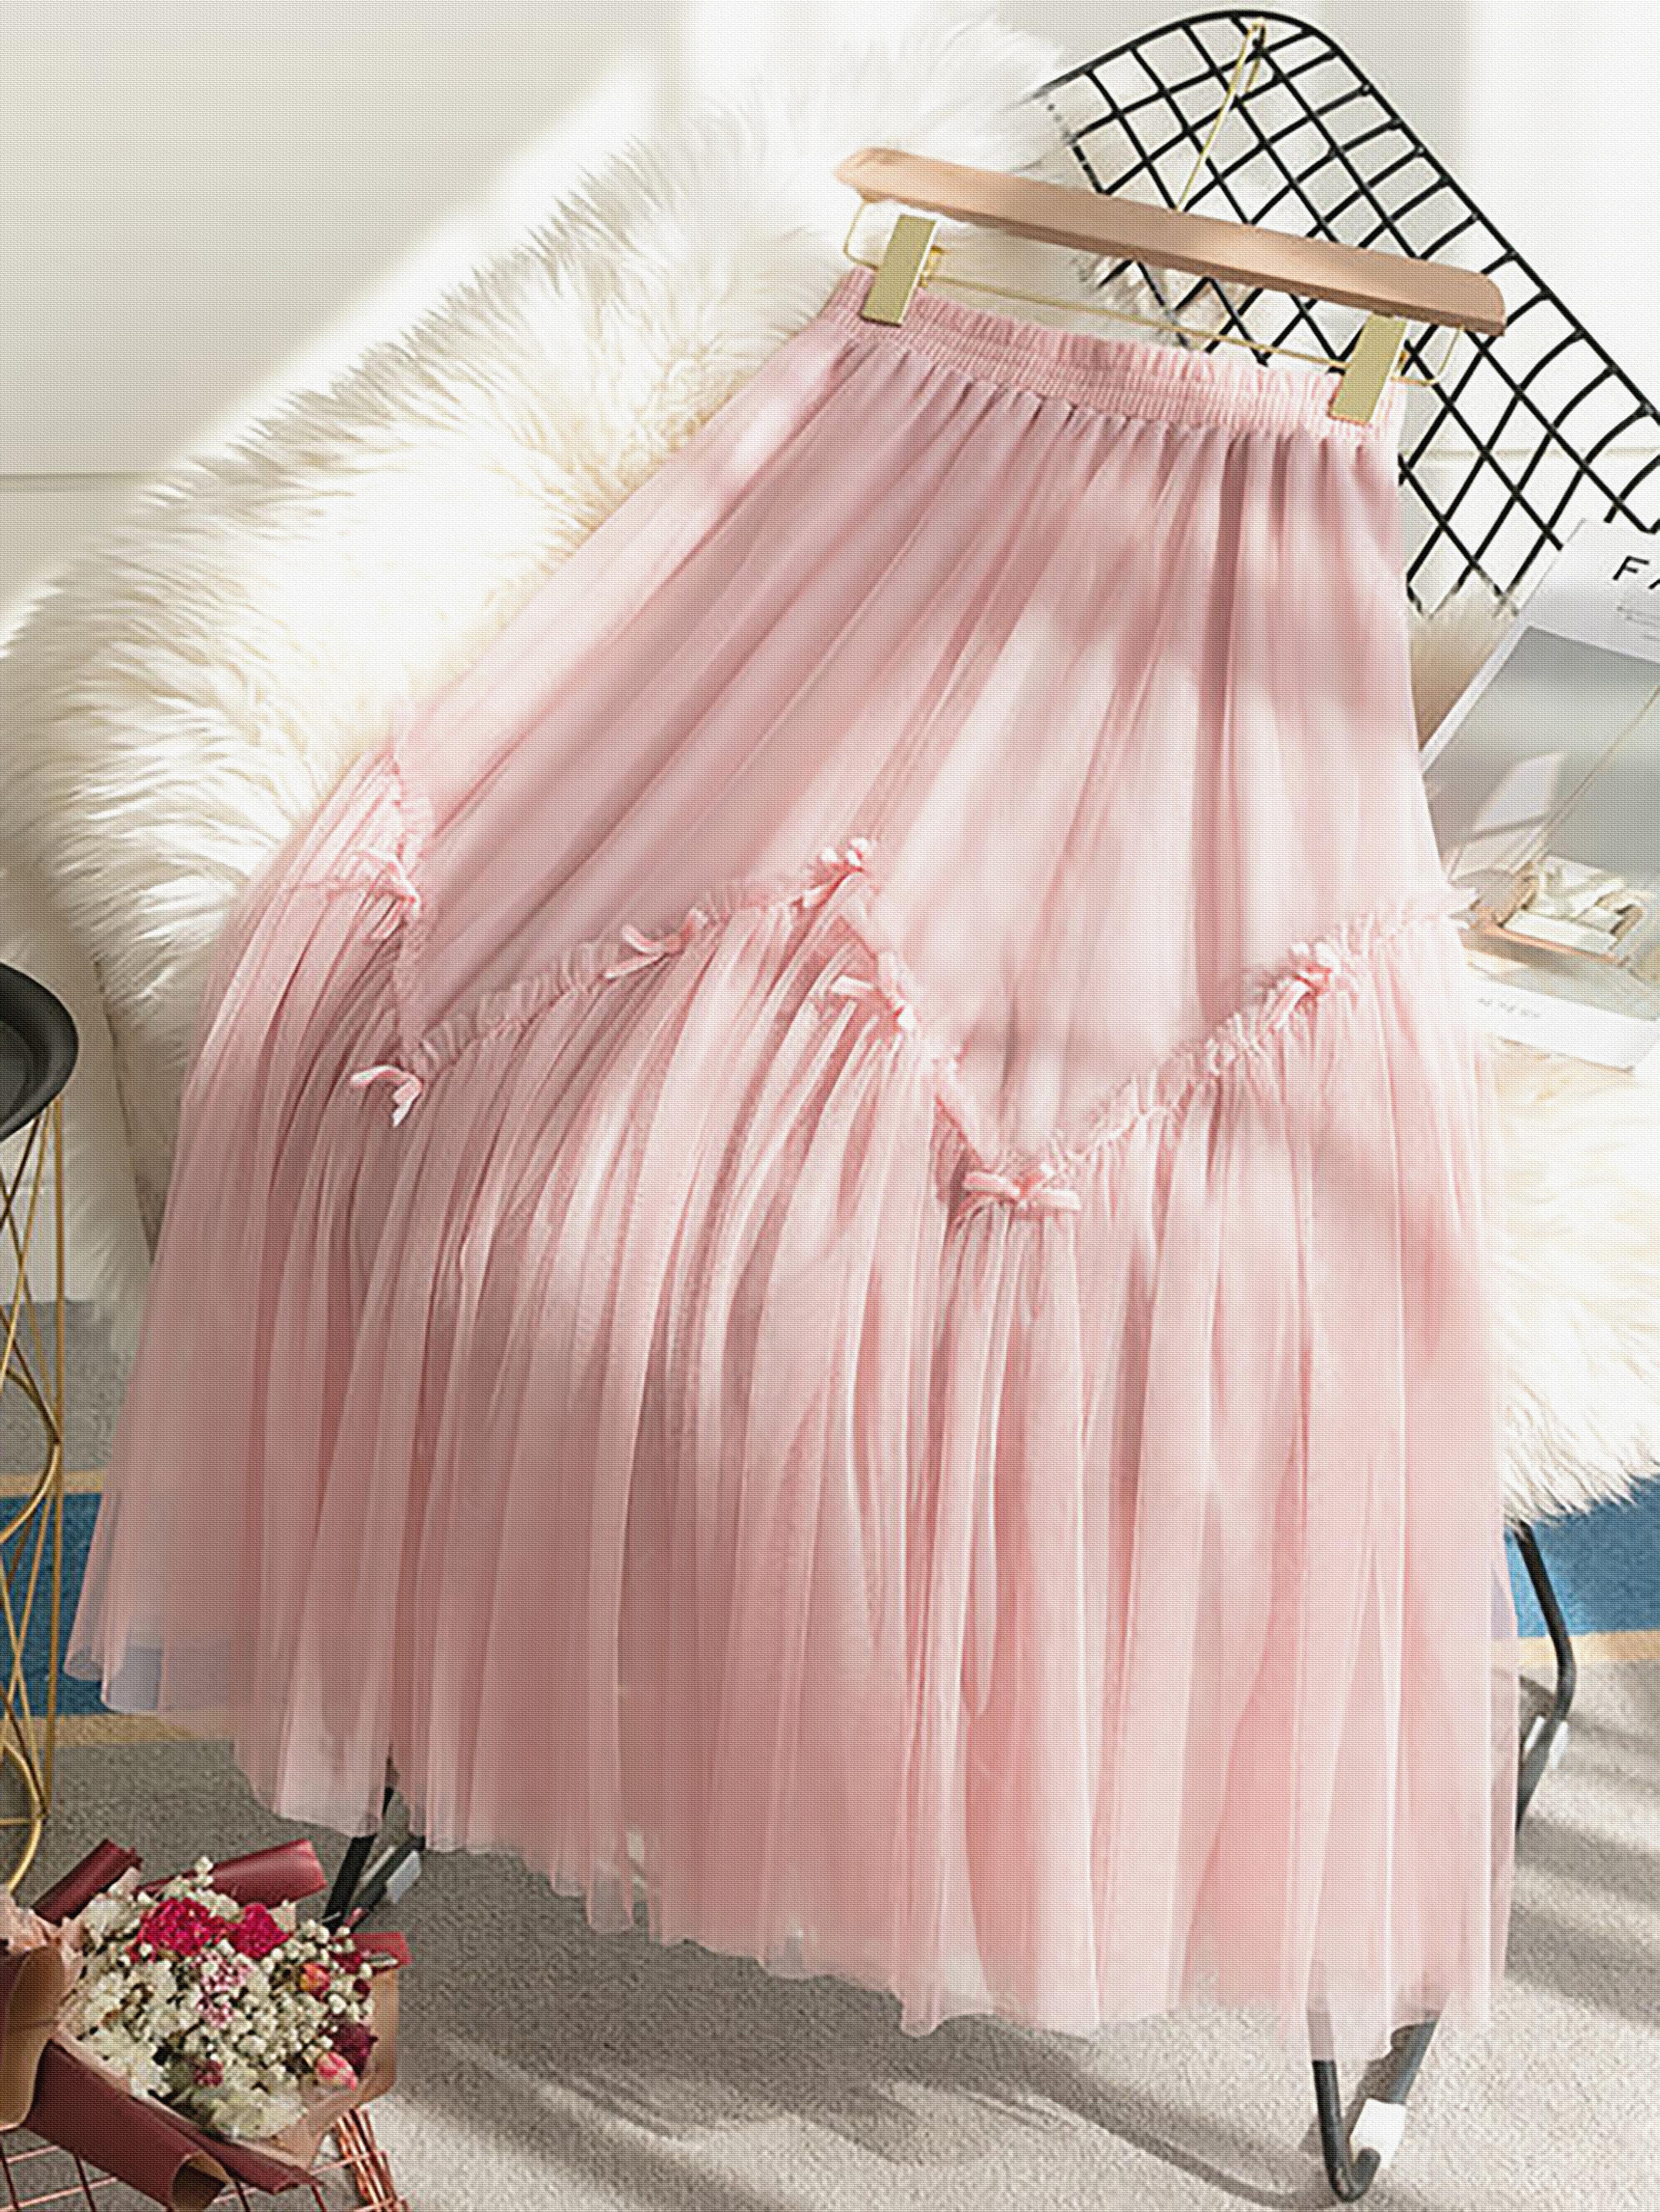 2020新款夏半身裙女学生网纱裙子中长款大摆蓬蓬裙高腰仙女裙